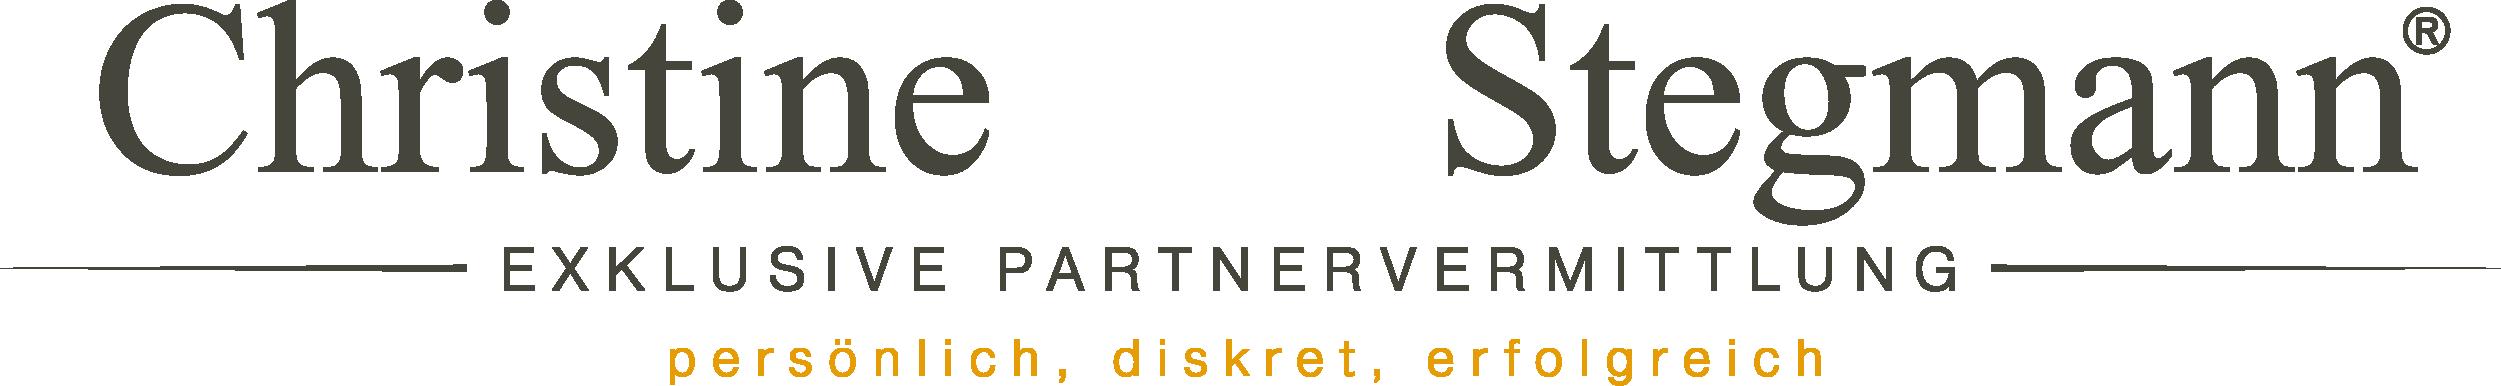 Exklusive partnervermittlung münchen